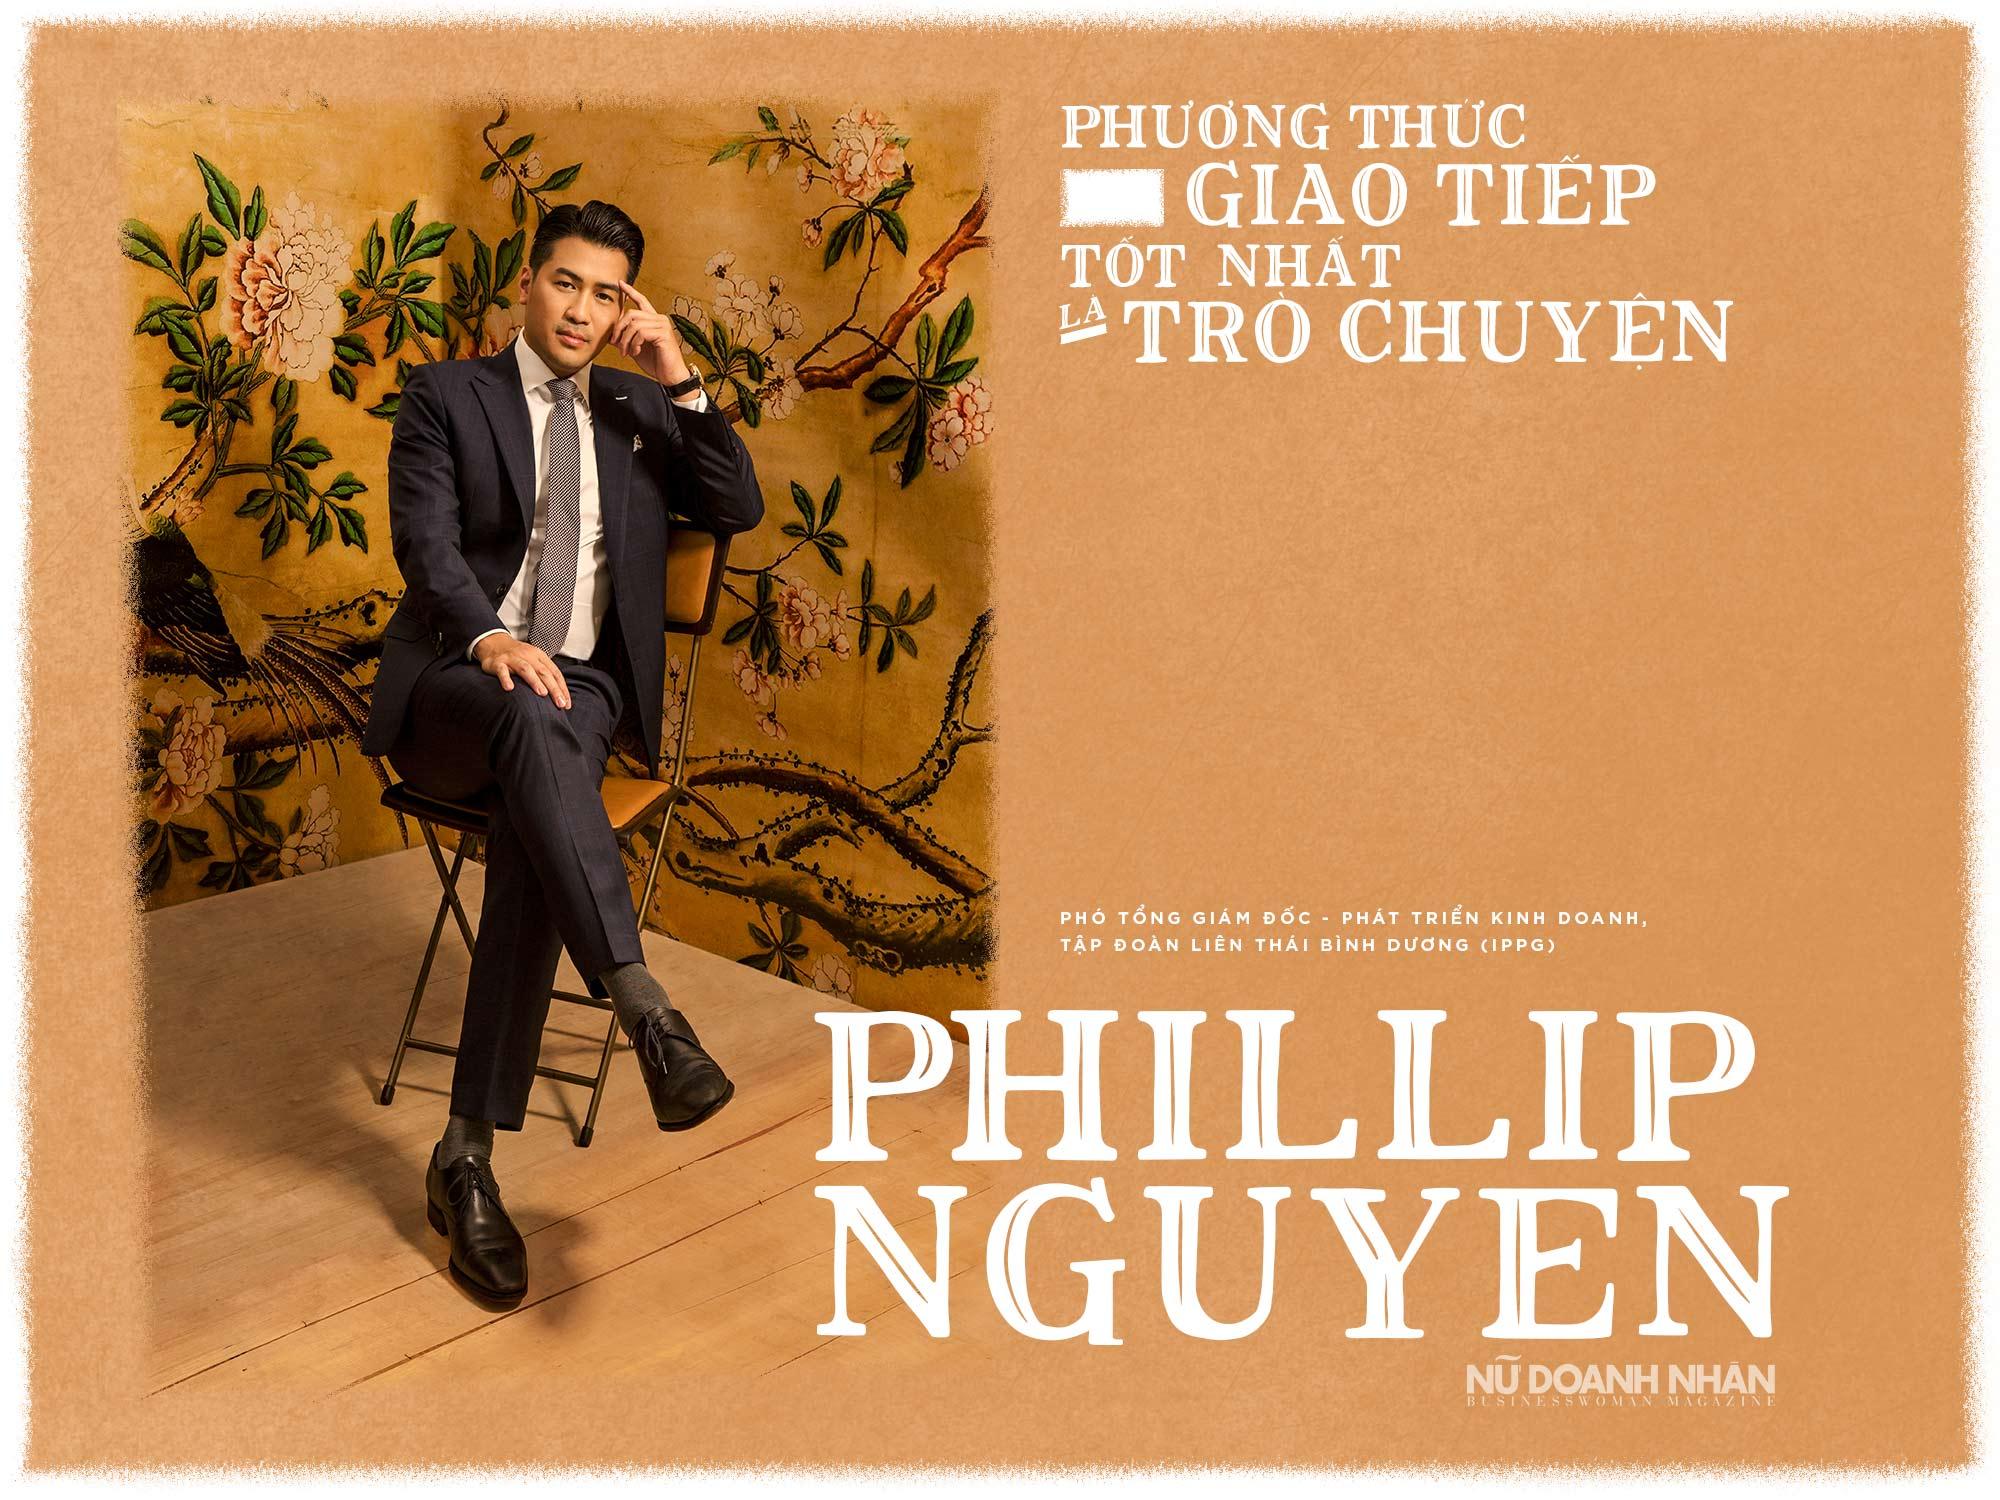 phong van Phillip Nguyen IPP Thai Binh Duong